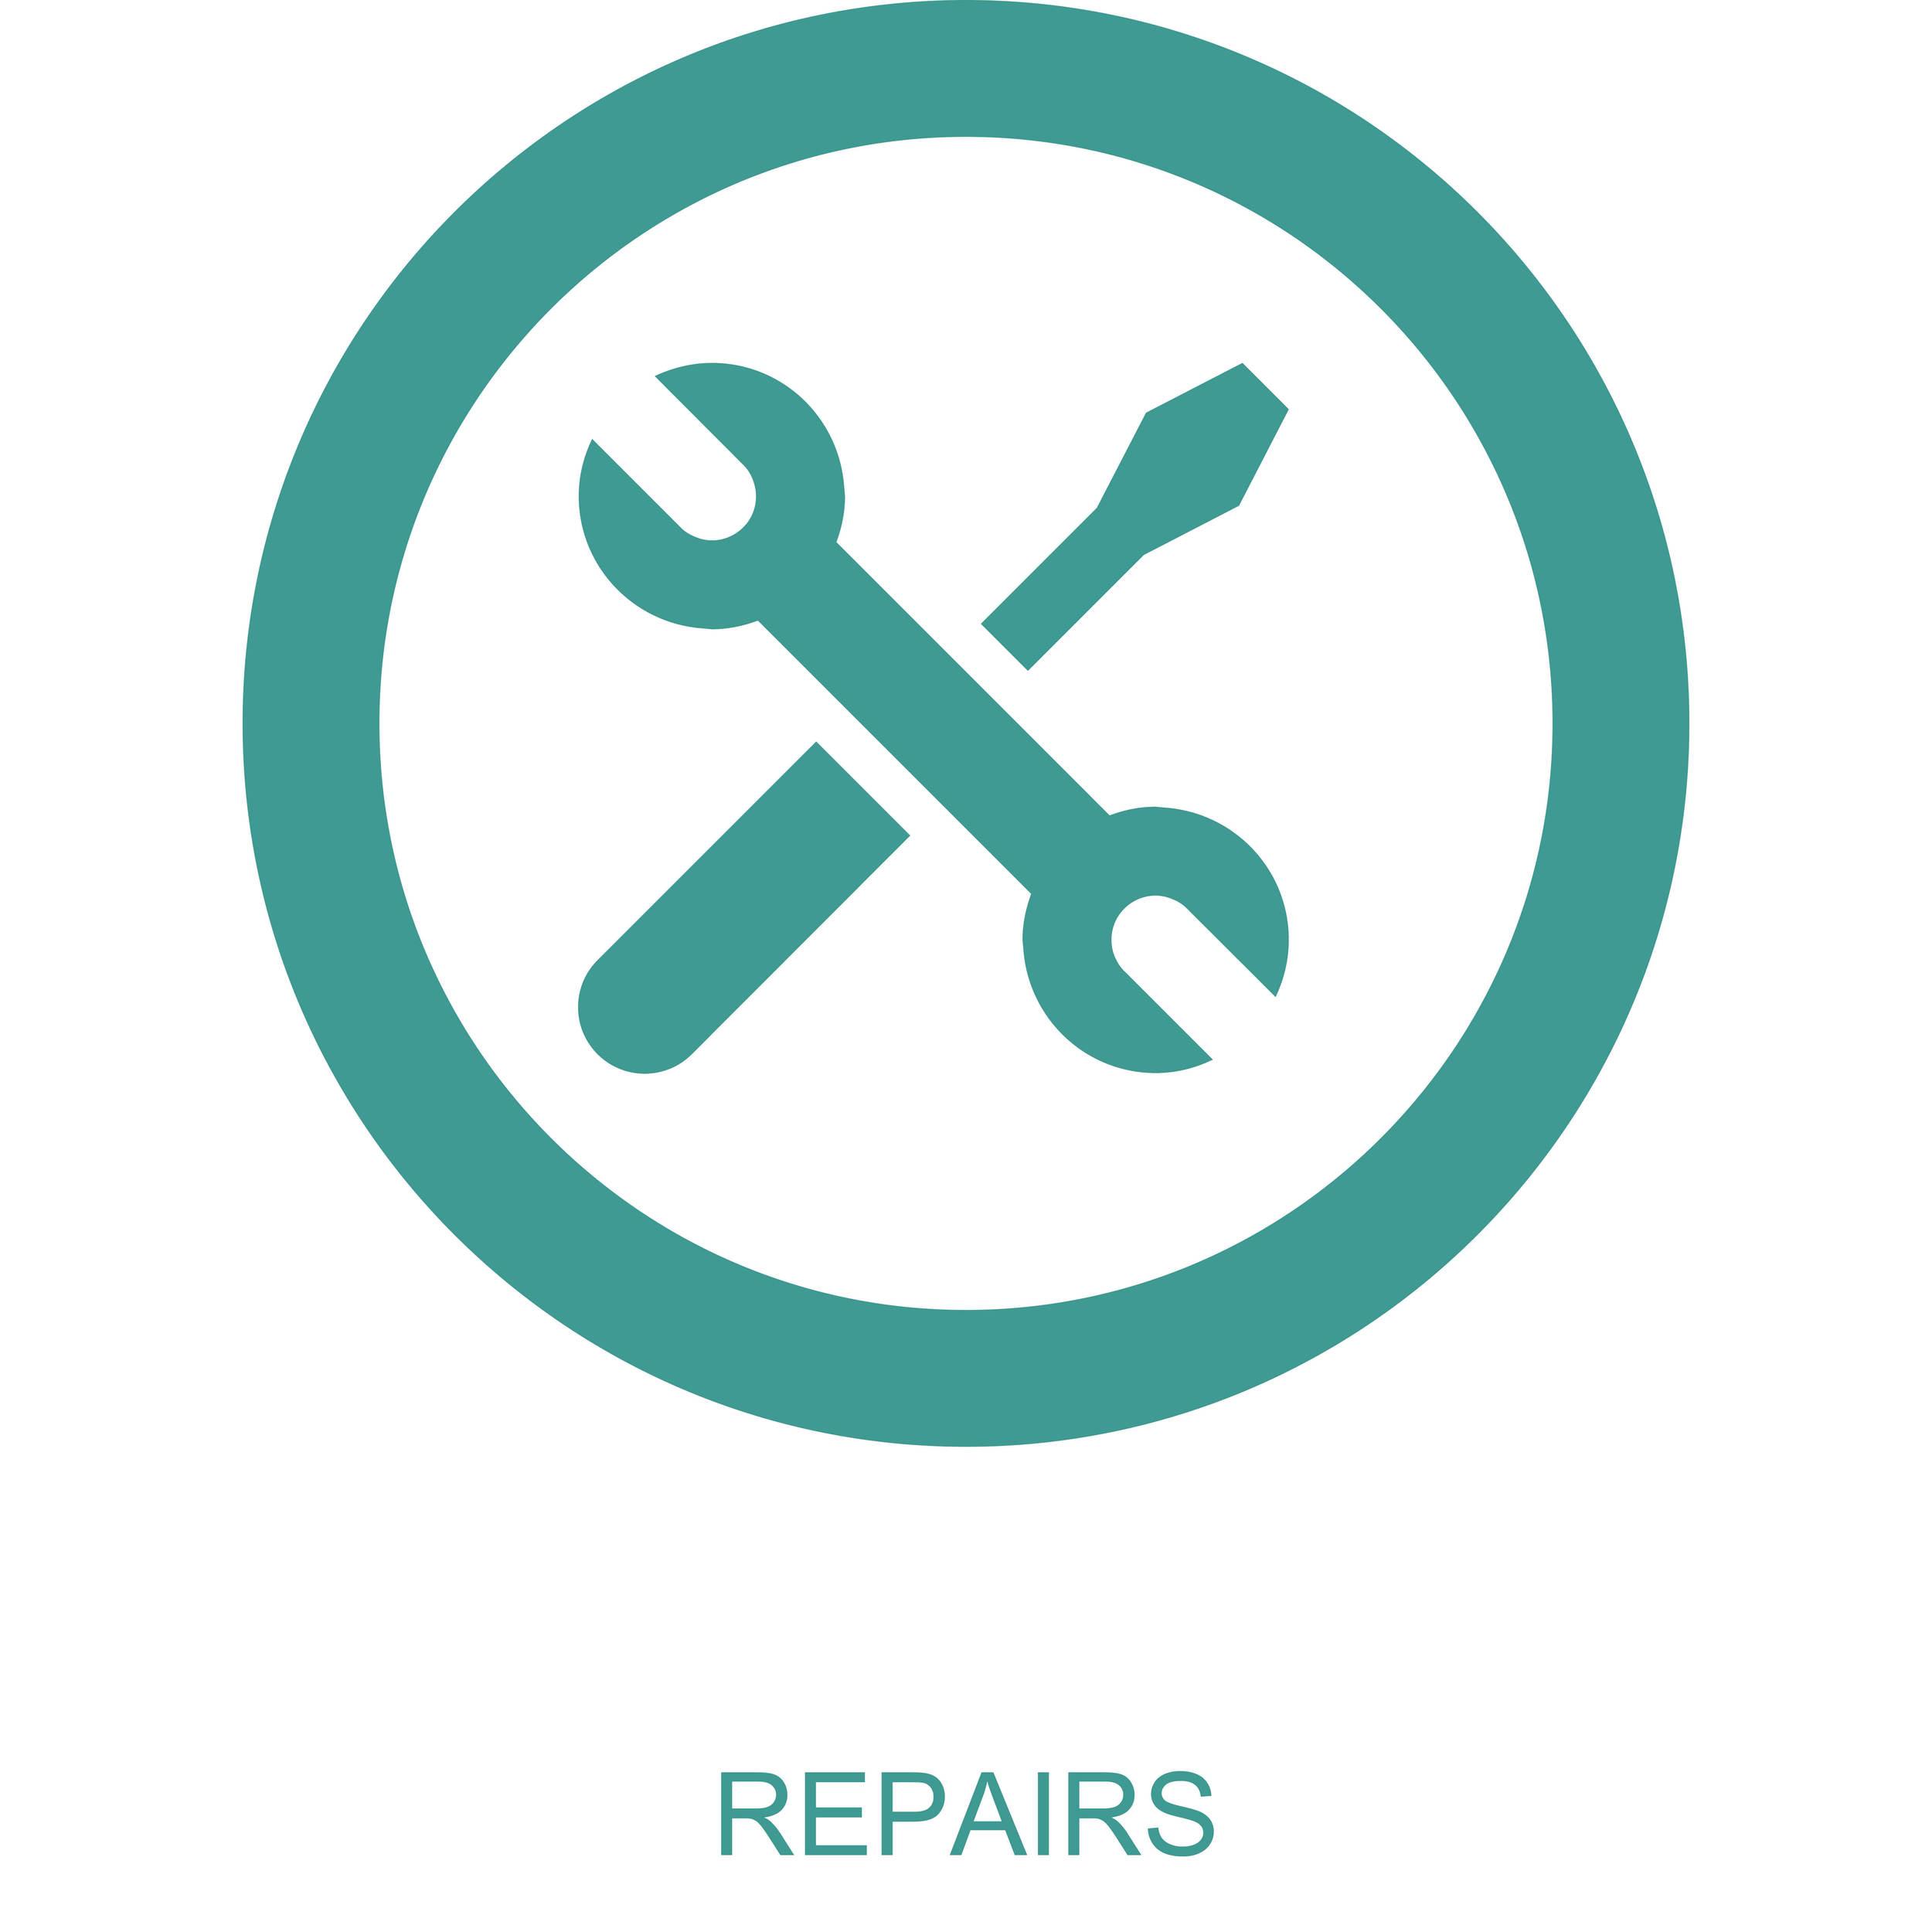 repairs2.jpg